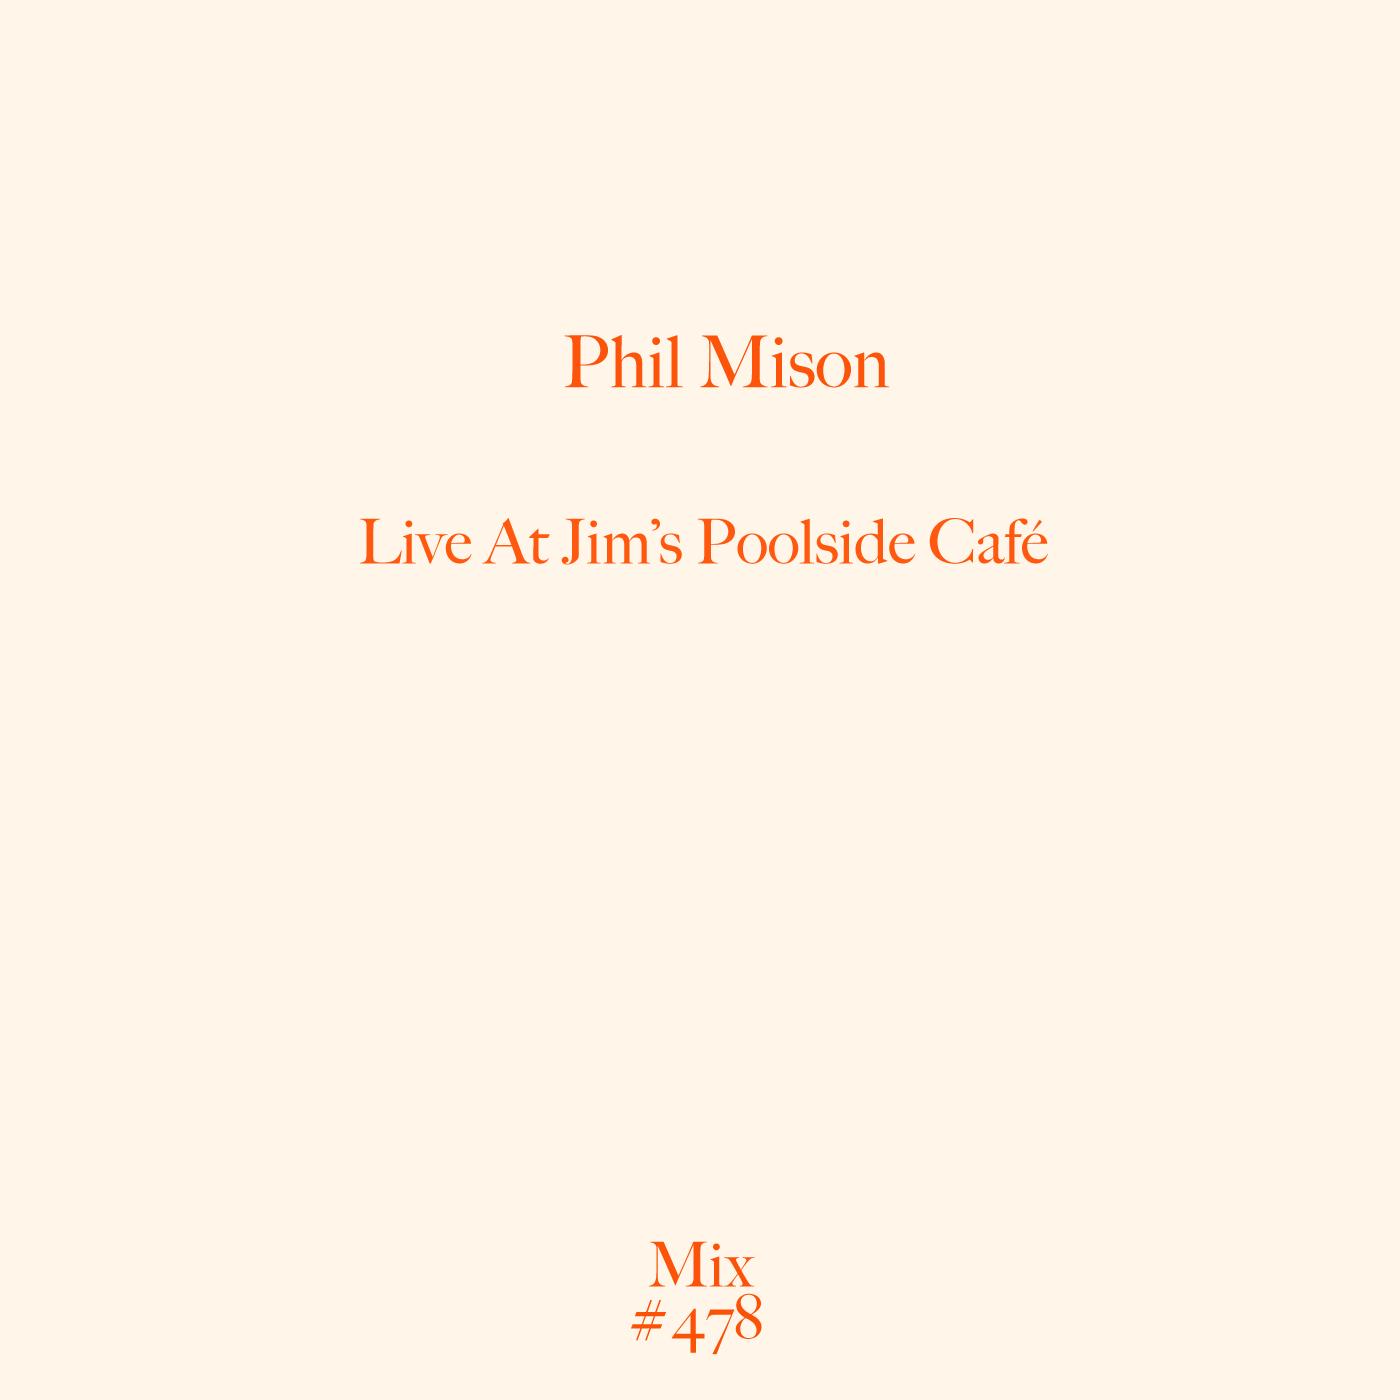 Jim's Poolside Cafe, Melbourne, Australia, Phil Mison, DJ, Mix,